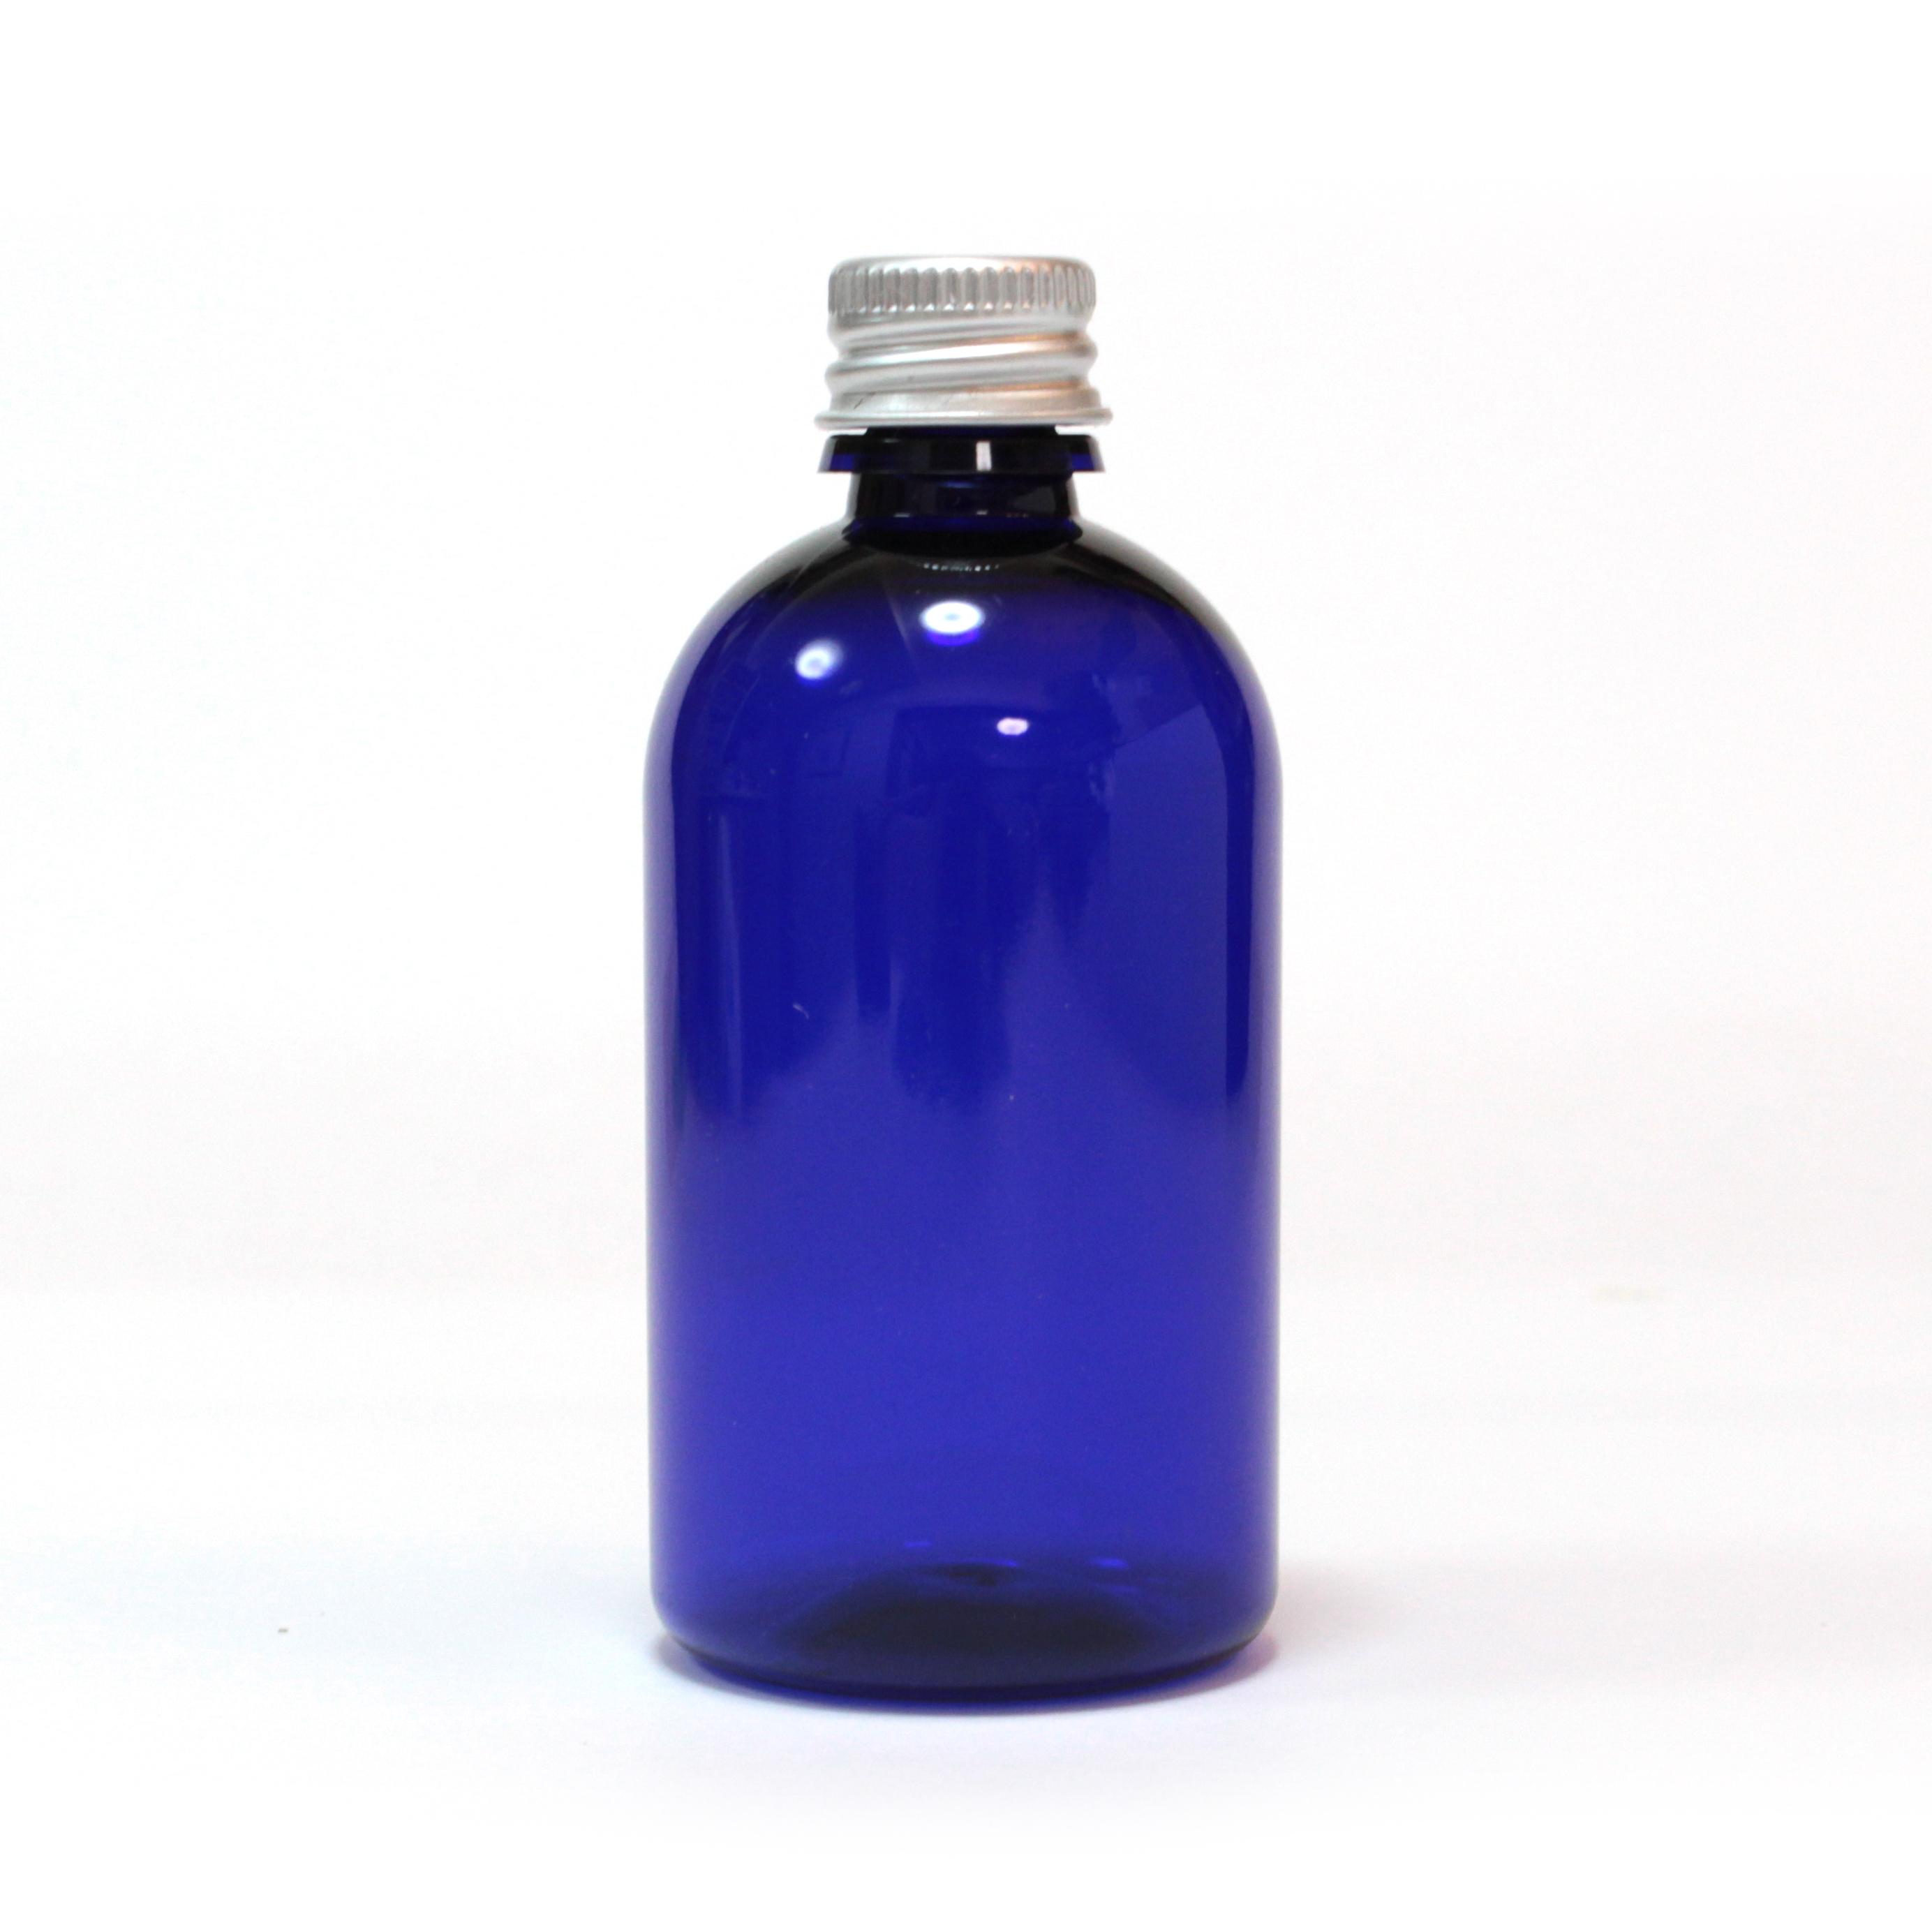 プラスチックアルミキャップ付ボトル(ブルー)100ml